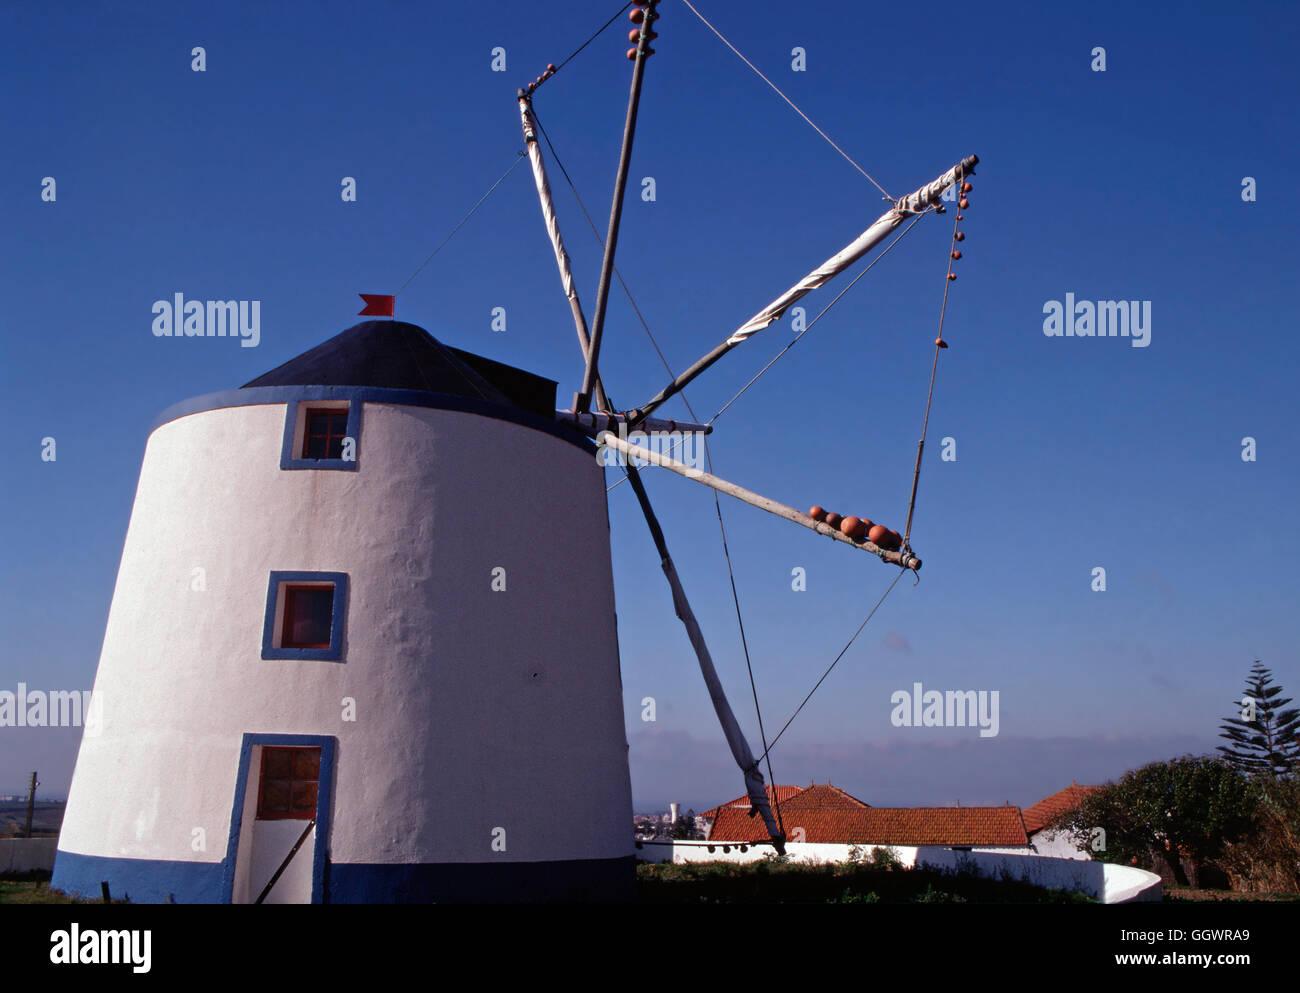 Windmill,Peniche,Portugal - Stock Image